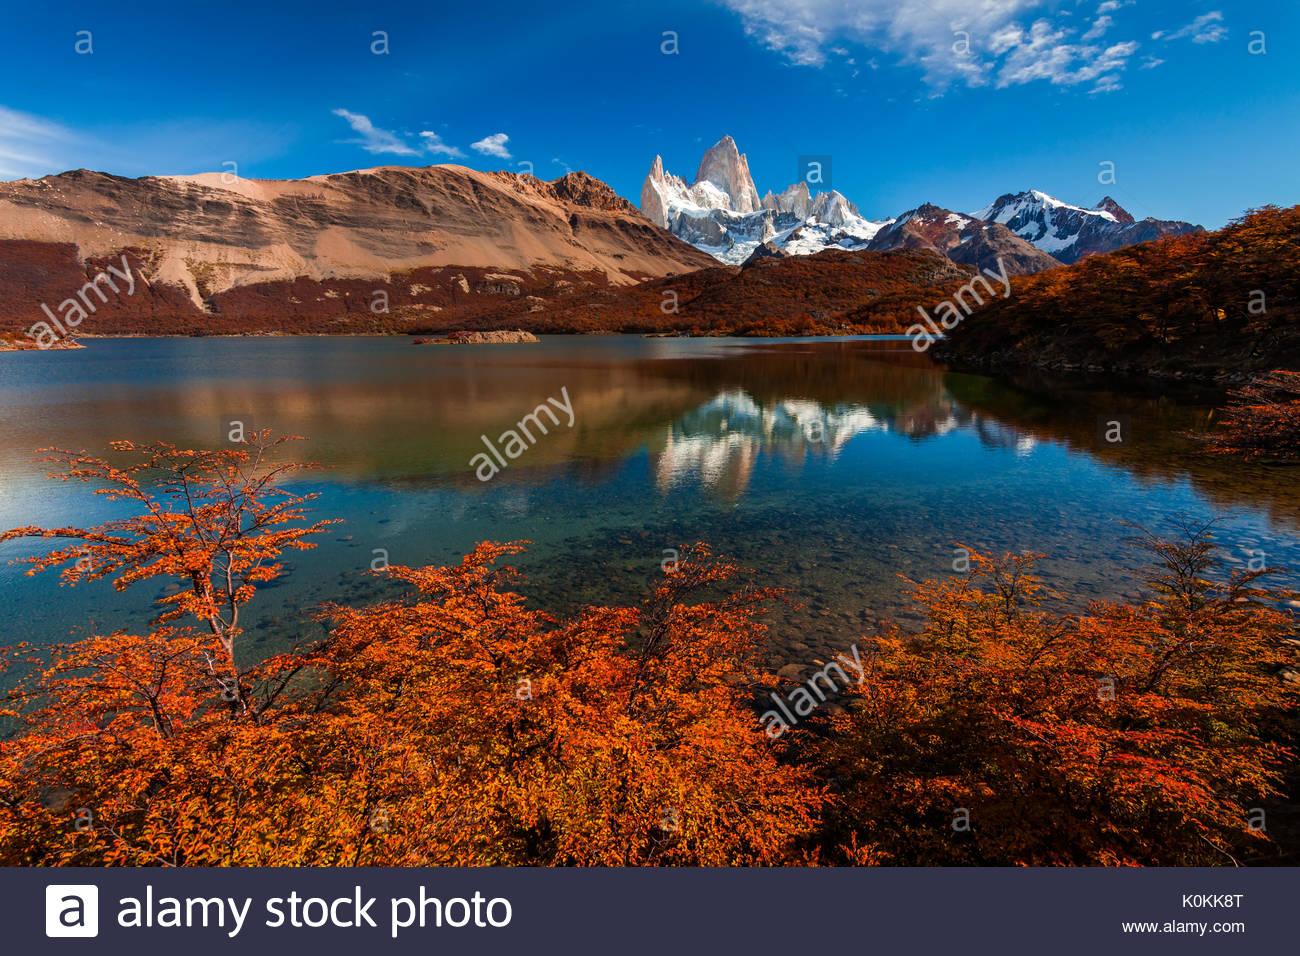 Mount Fitz Roy. Patagonien, Argentinien. Stockbild